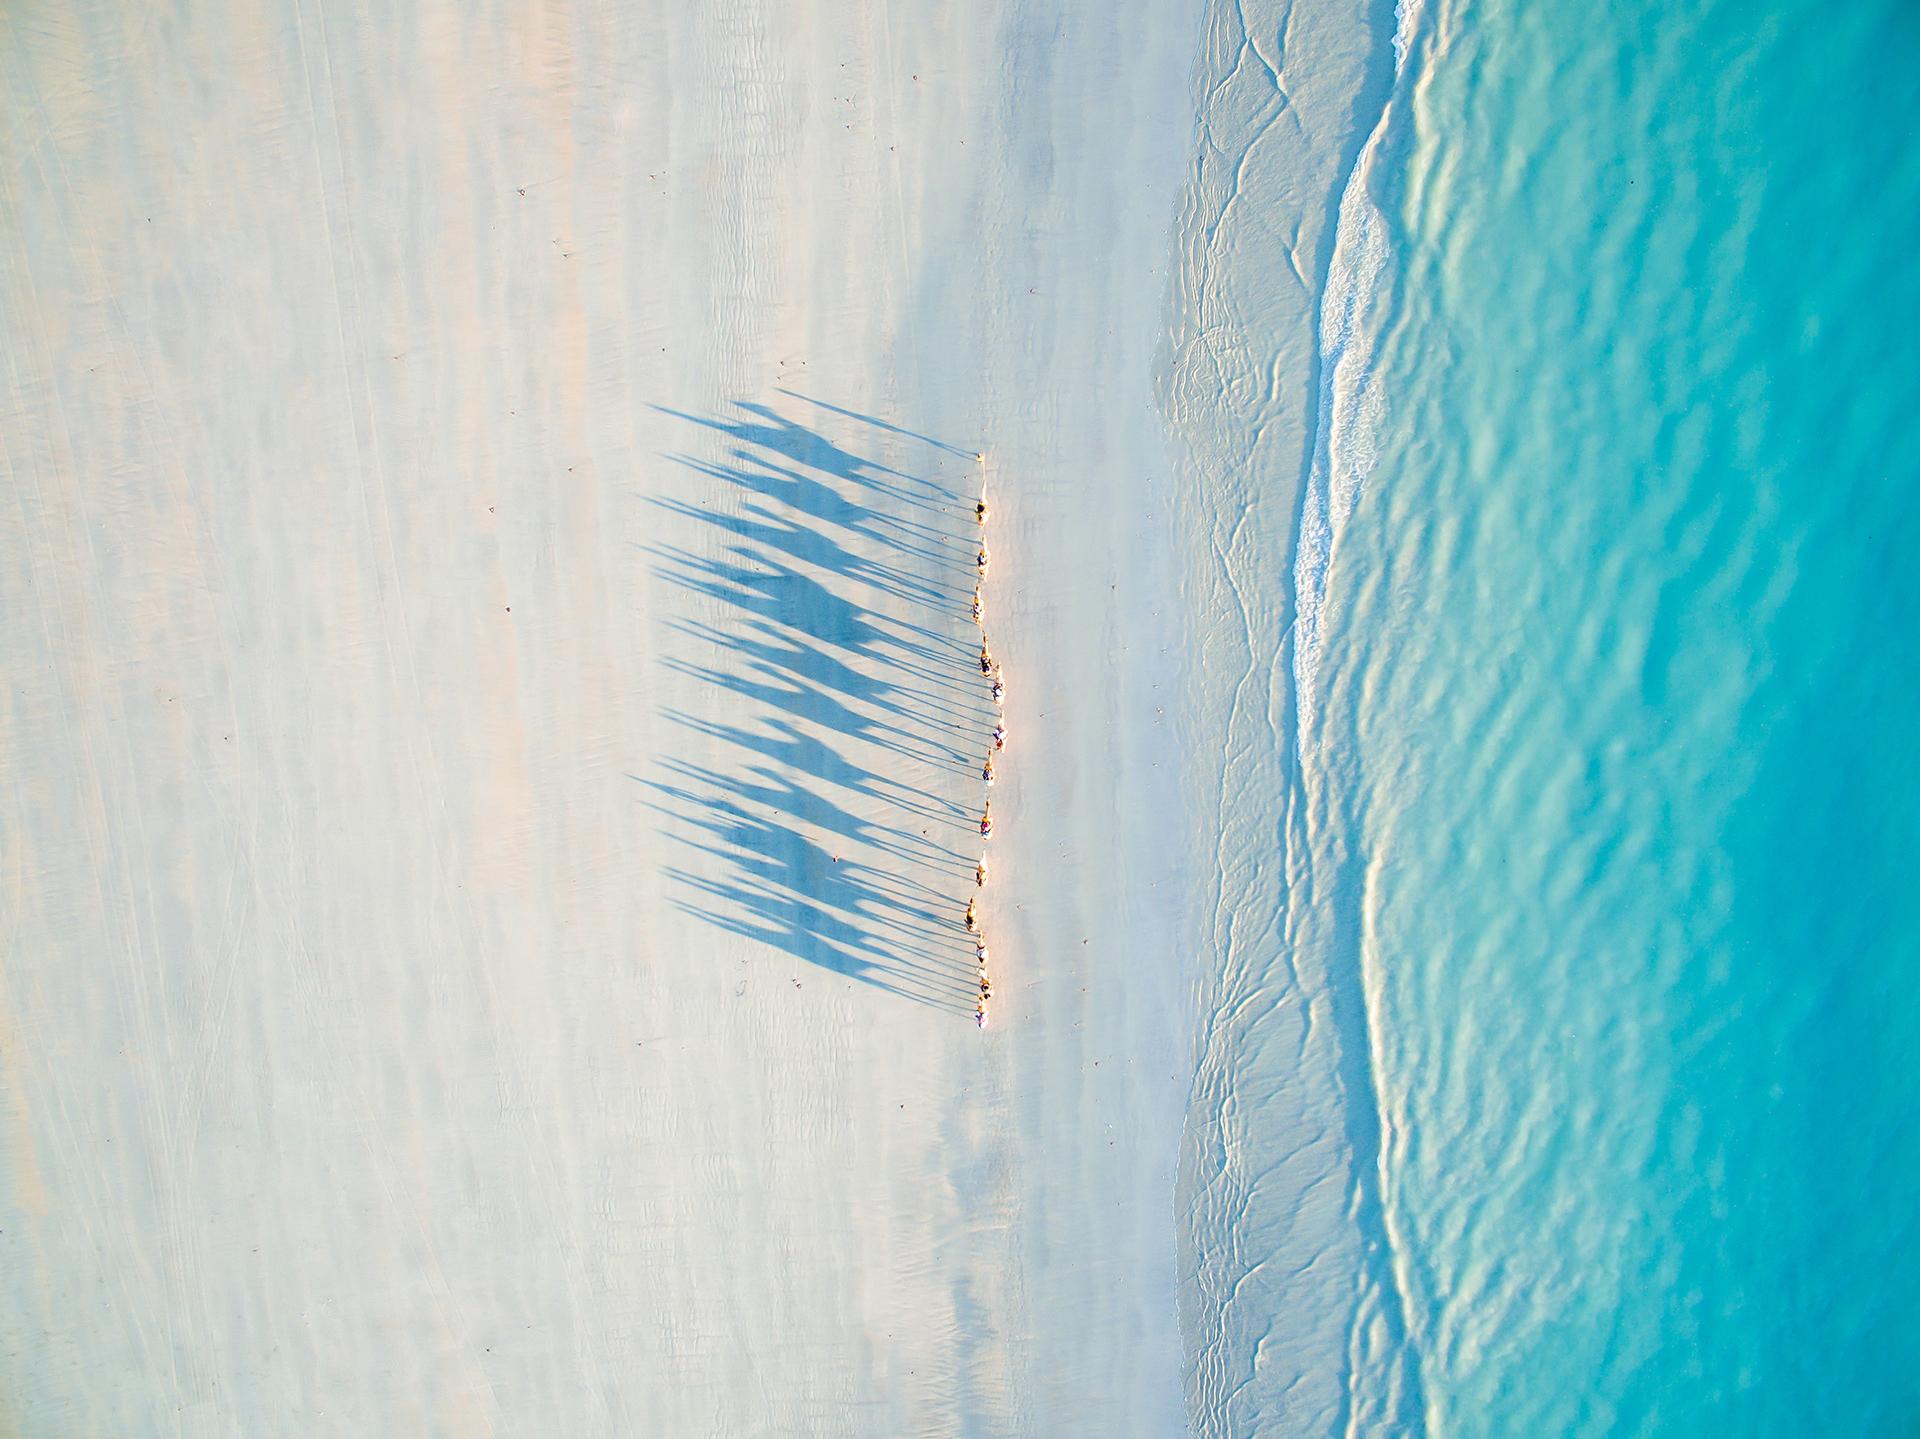 Camellos en Cable beach, Australia Occidental: segundo lugar en Turismo (Todd Kennedy)